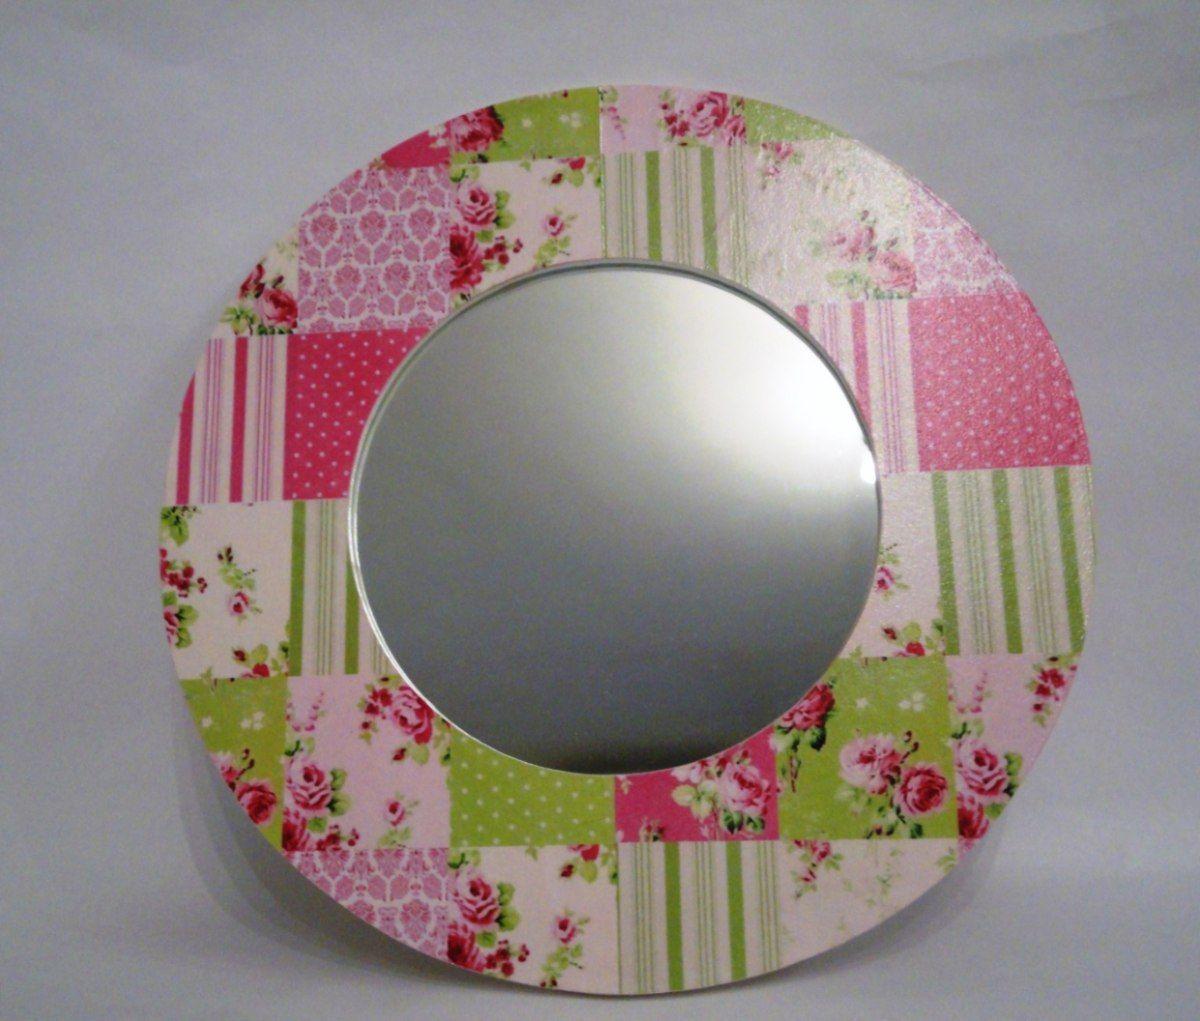 espejo redondo de madera con patchwork